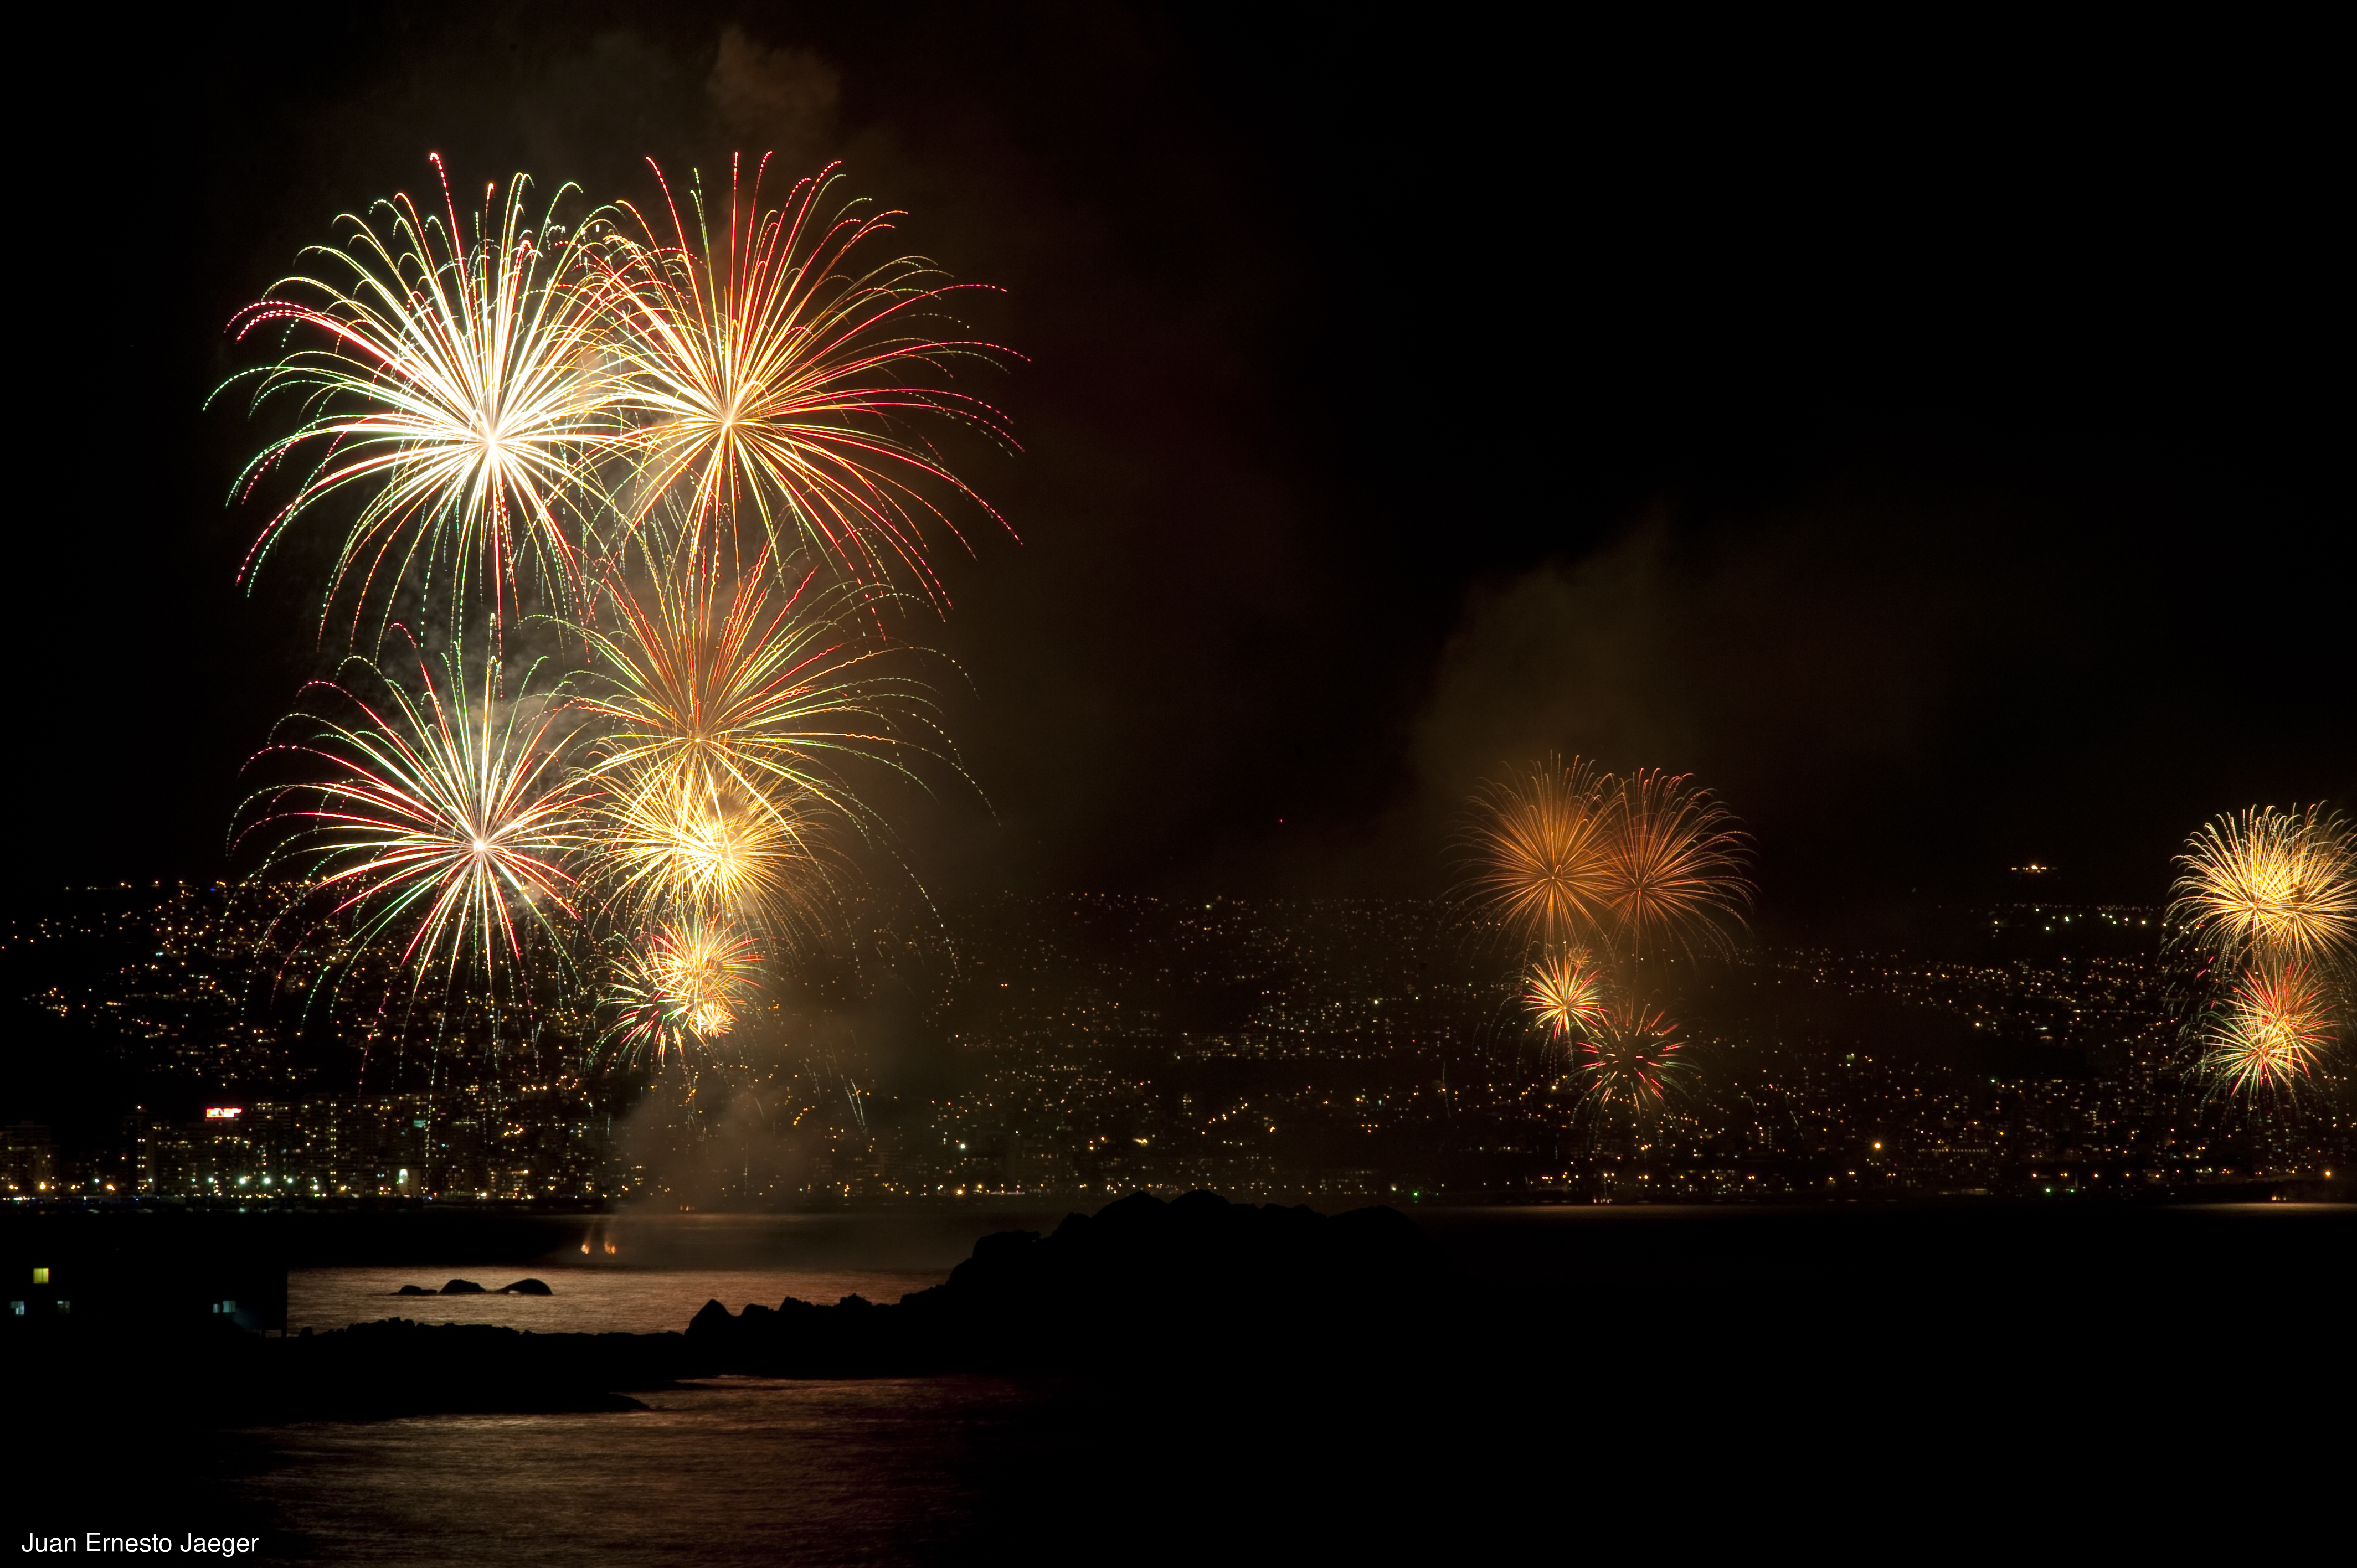 Fuegos artificiales para celebrar el año nuevo en Chile